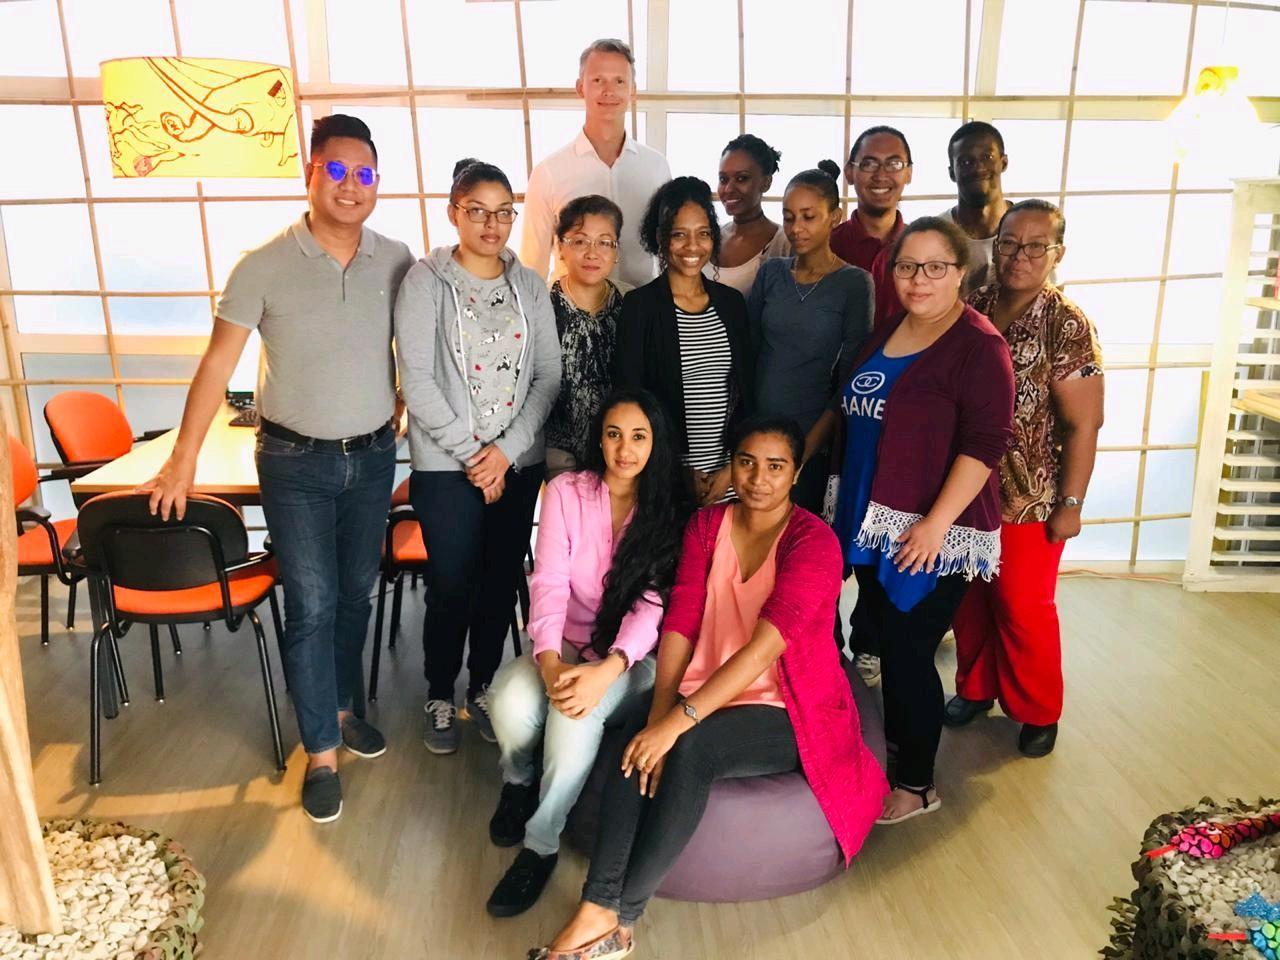 Martijn Wuister van BVA-Auctions met het klantenserviceteam BVA Auctions, Alembo Suriname